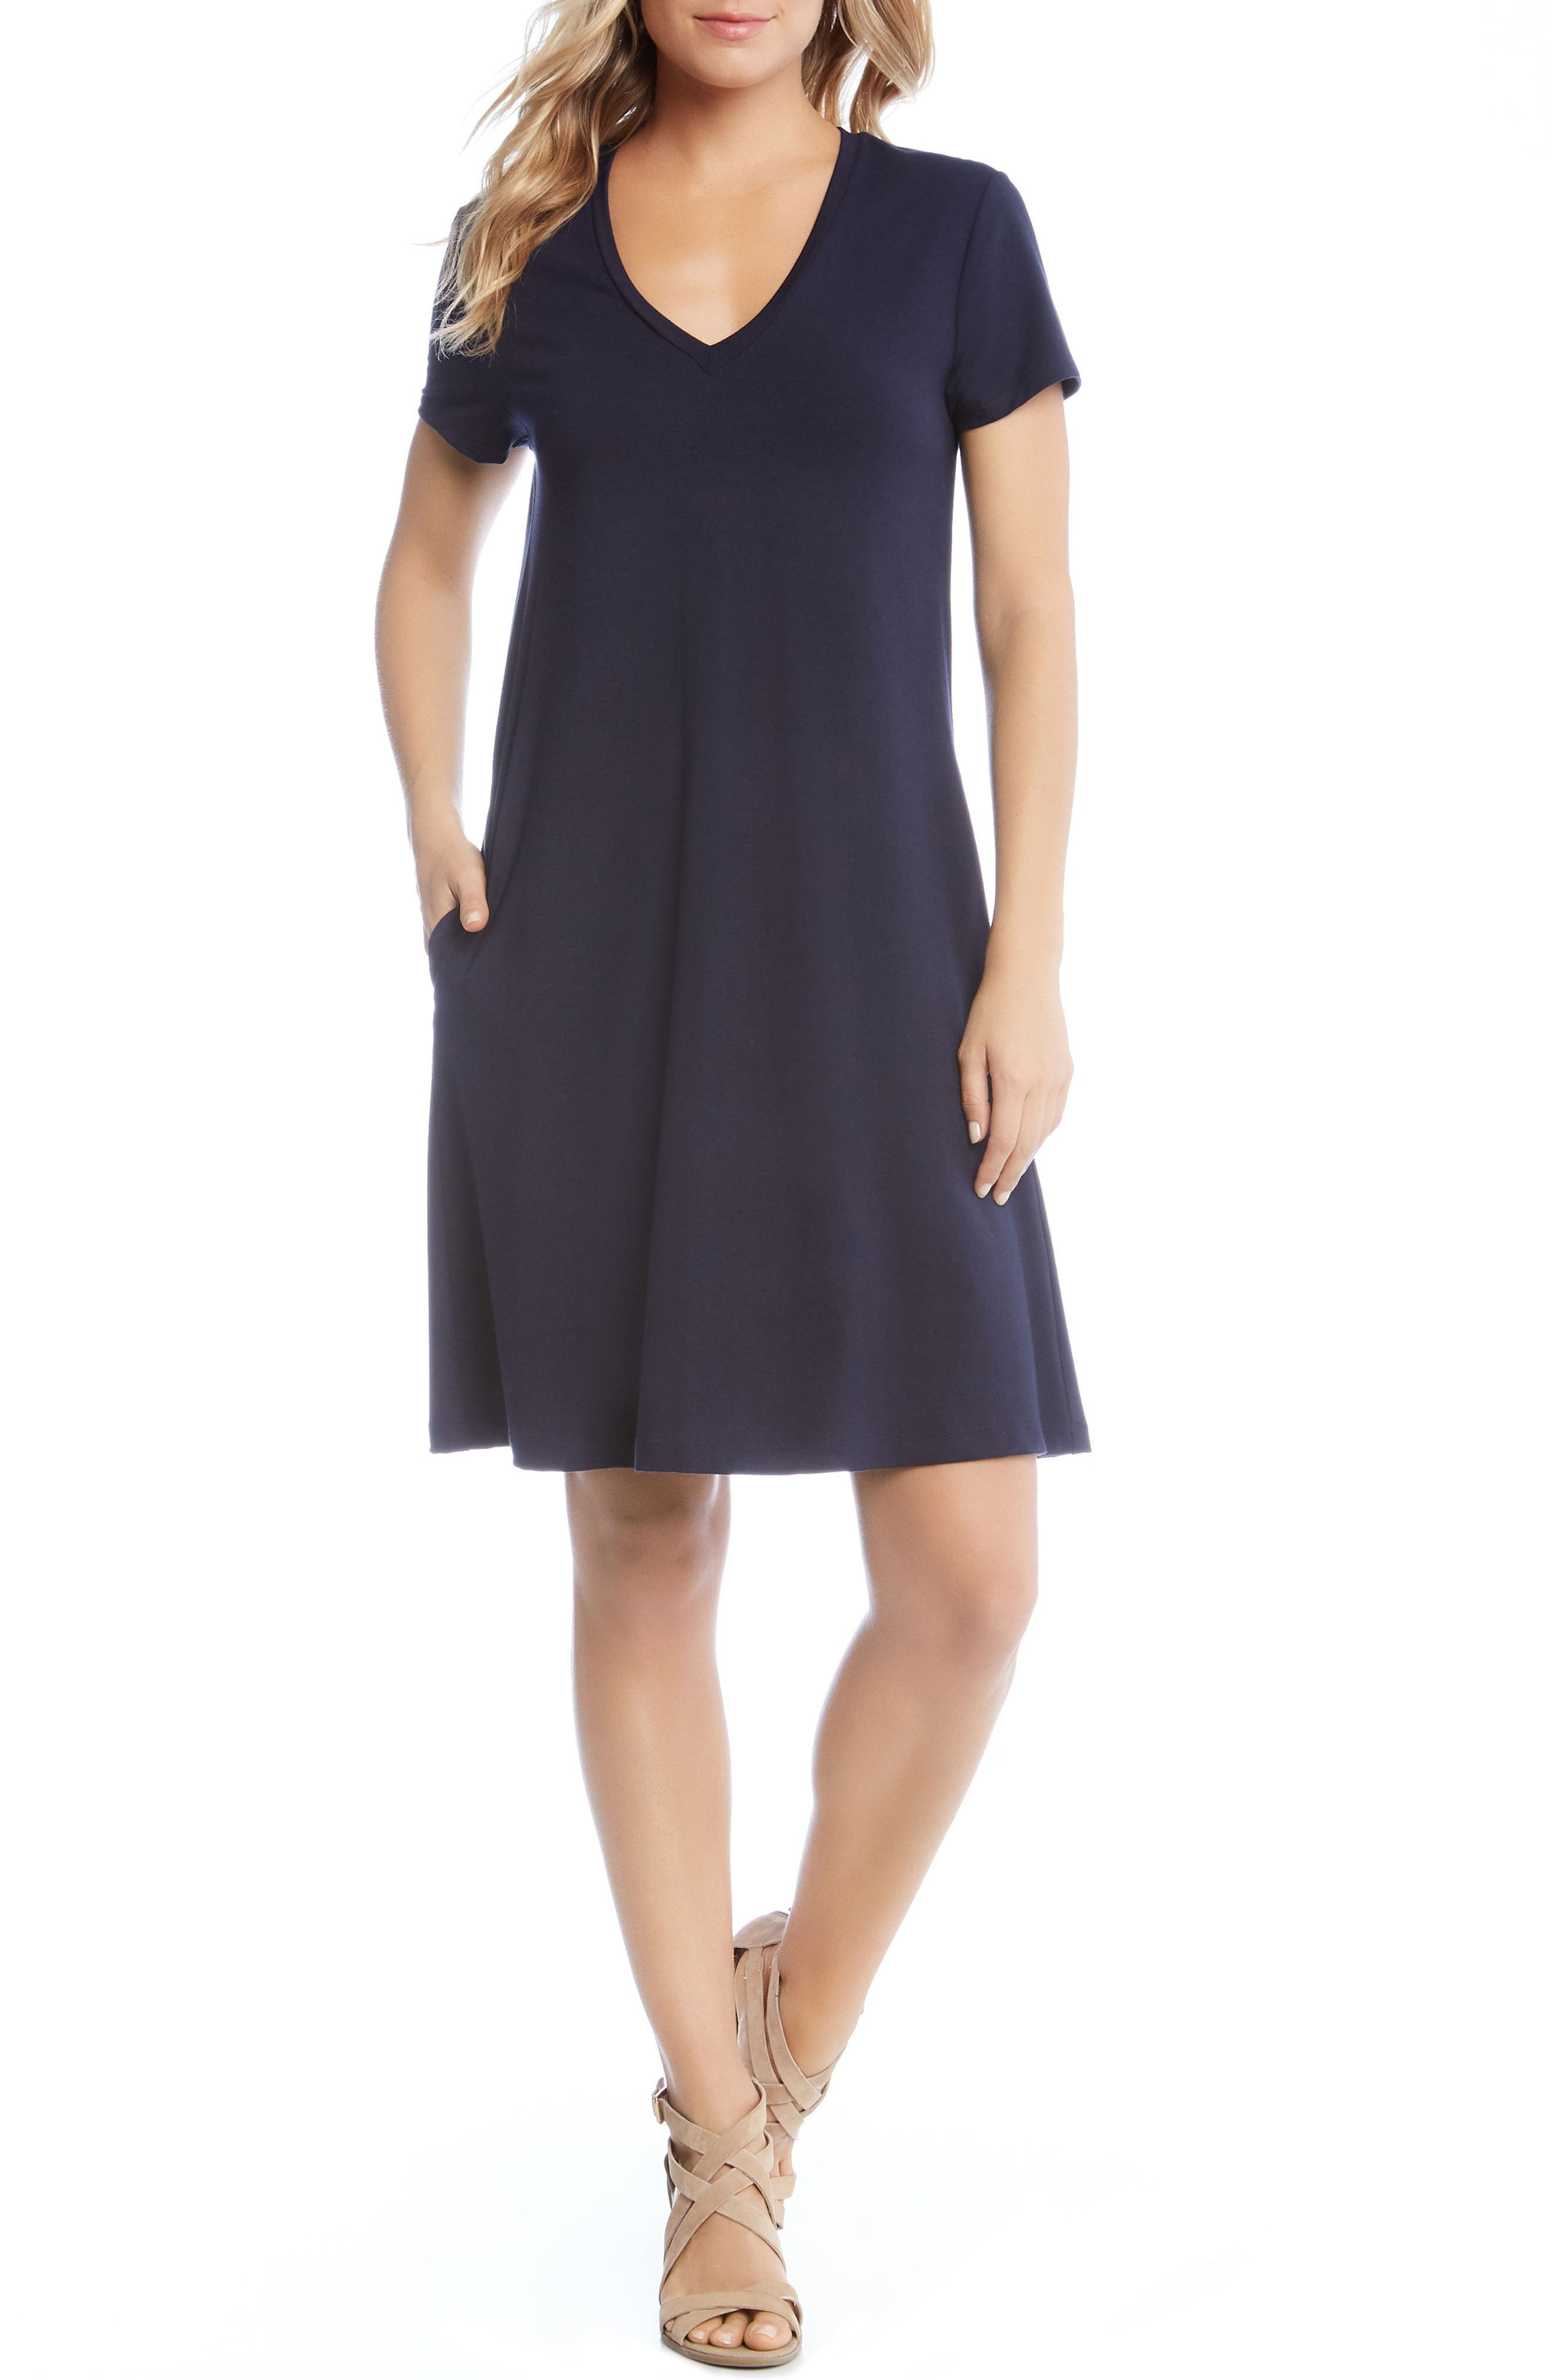 Quinn Pocket Shift Dress,                             Main thumbnail 1, color,                             NAVY